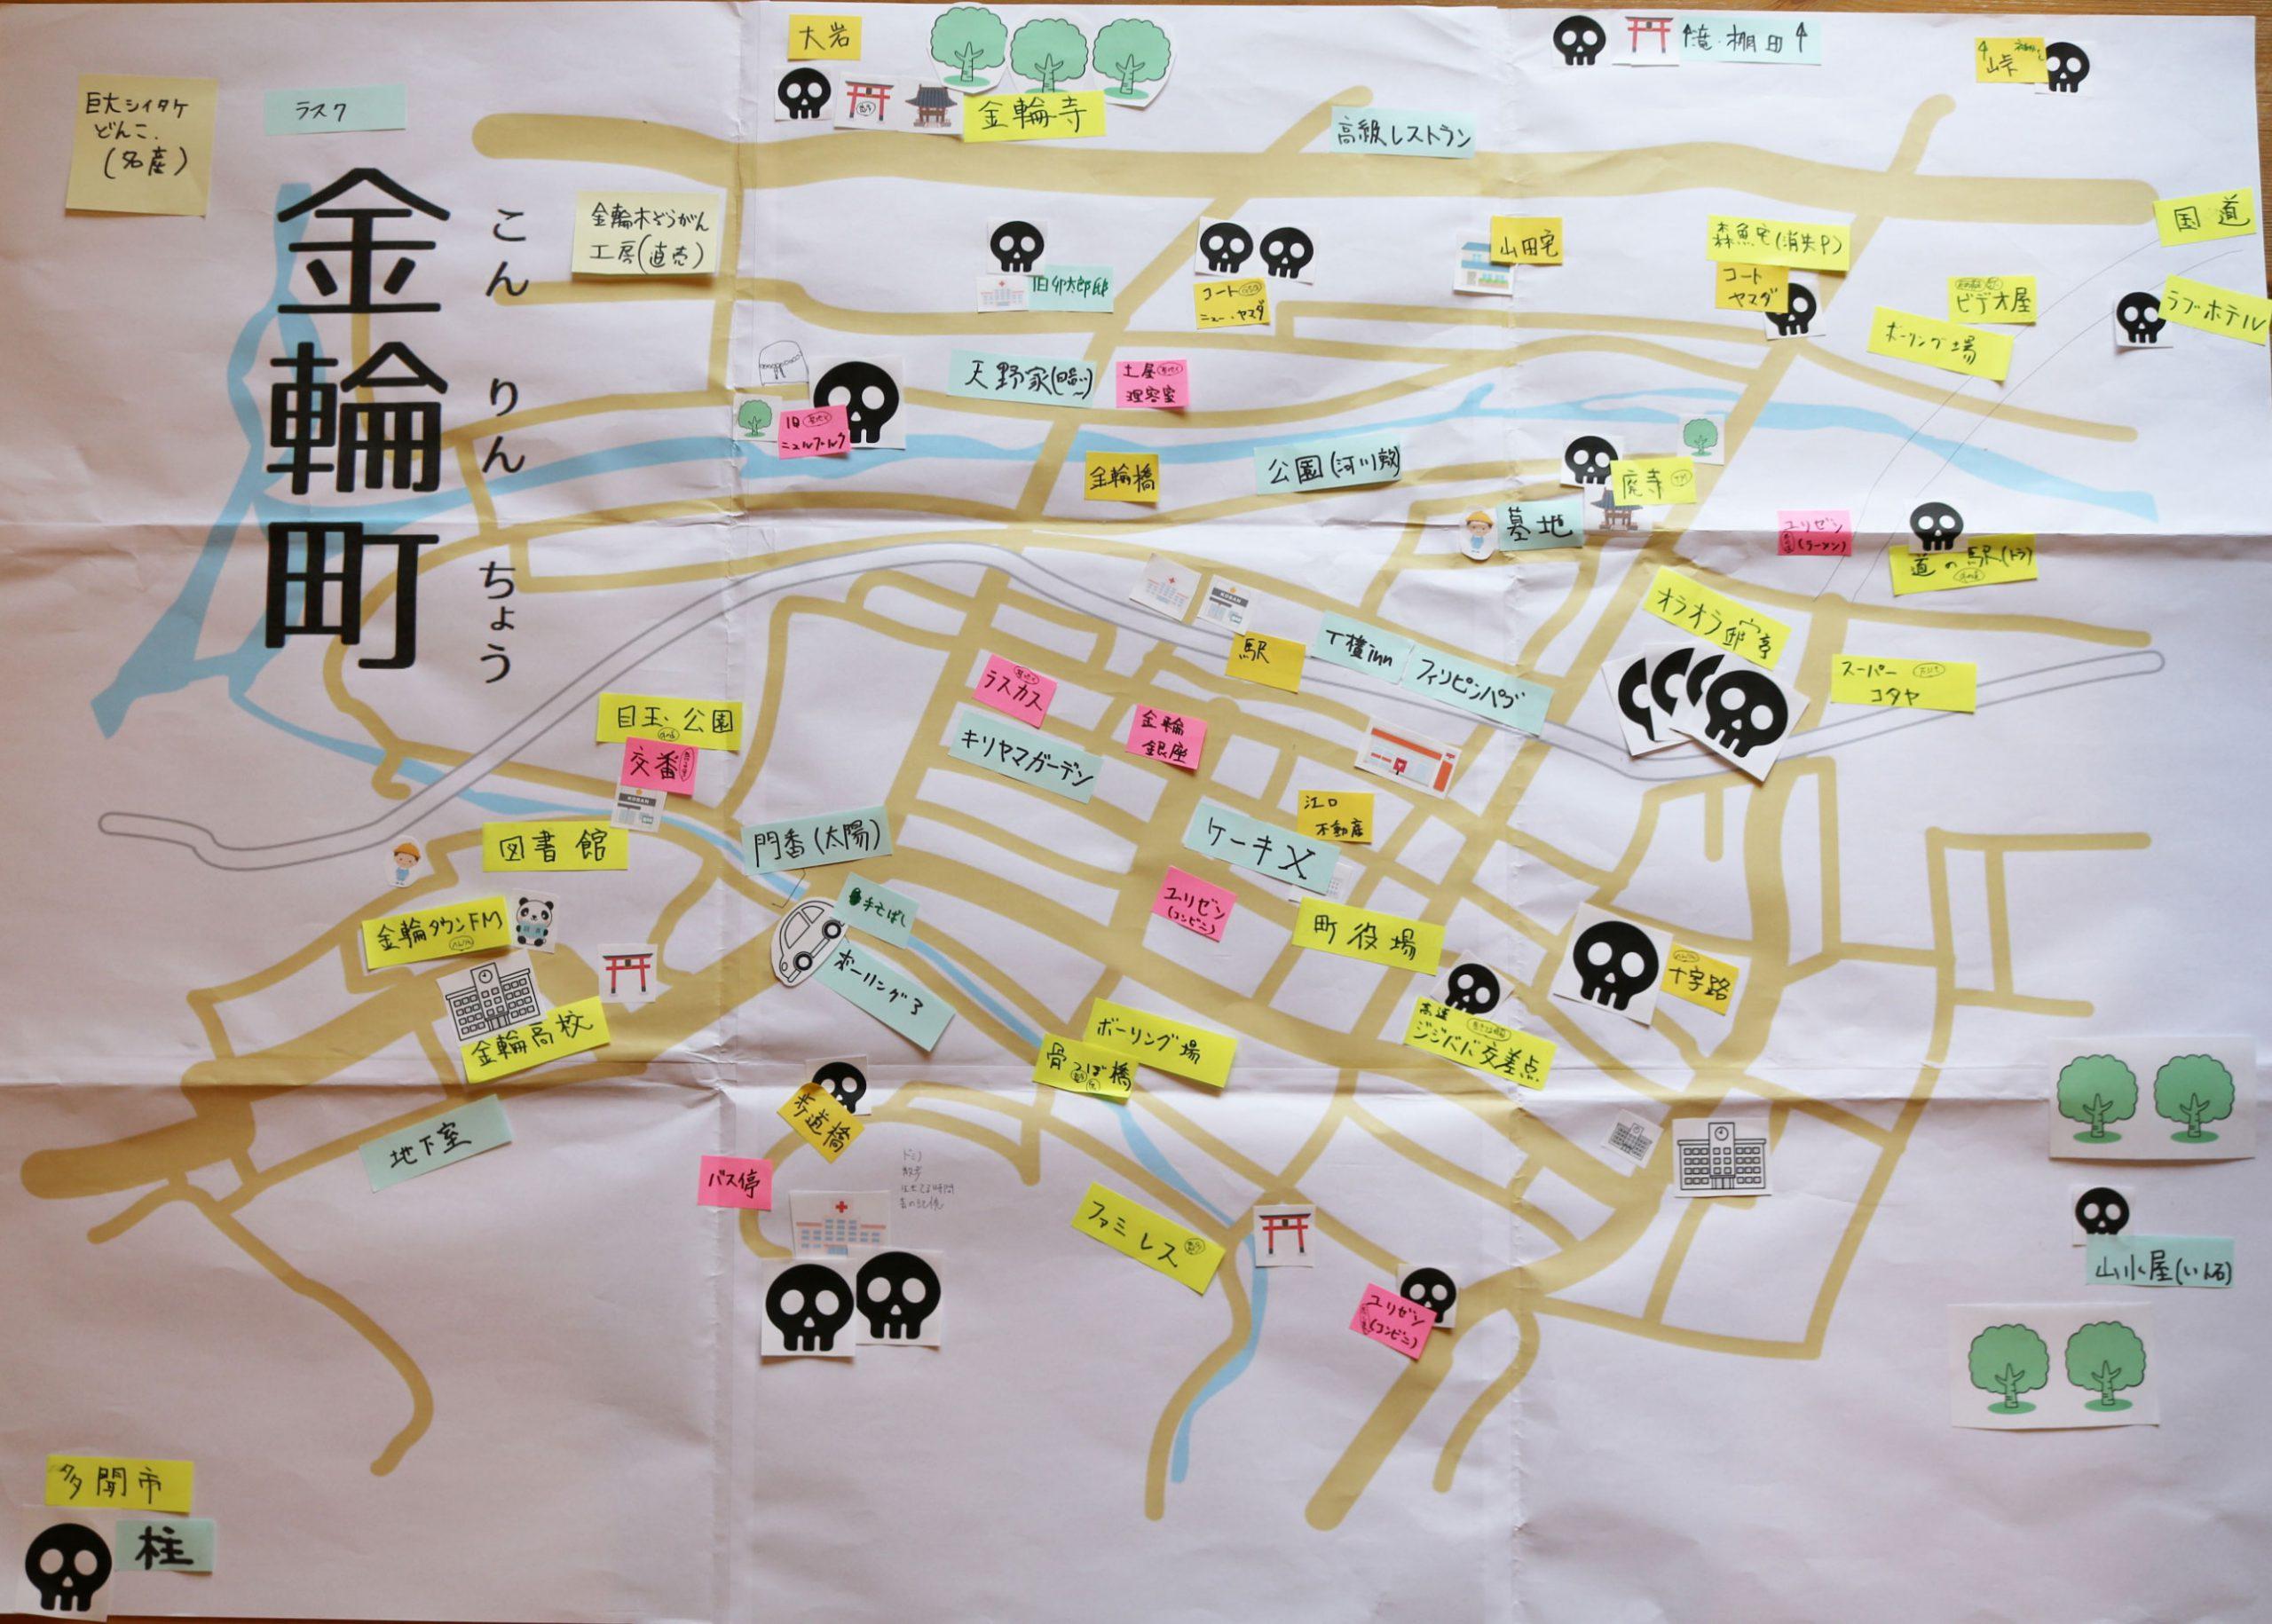 金輪町マップ